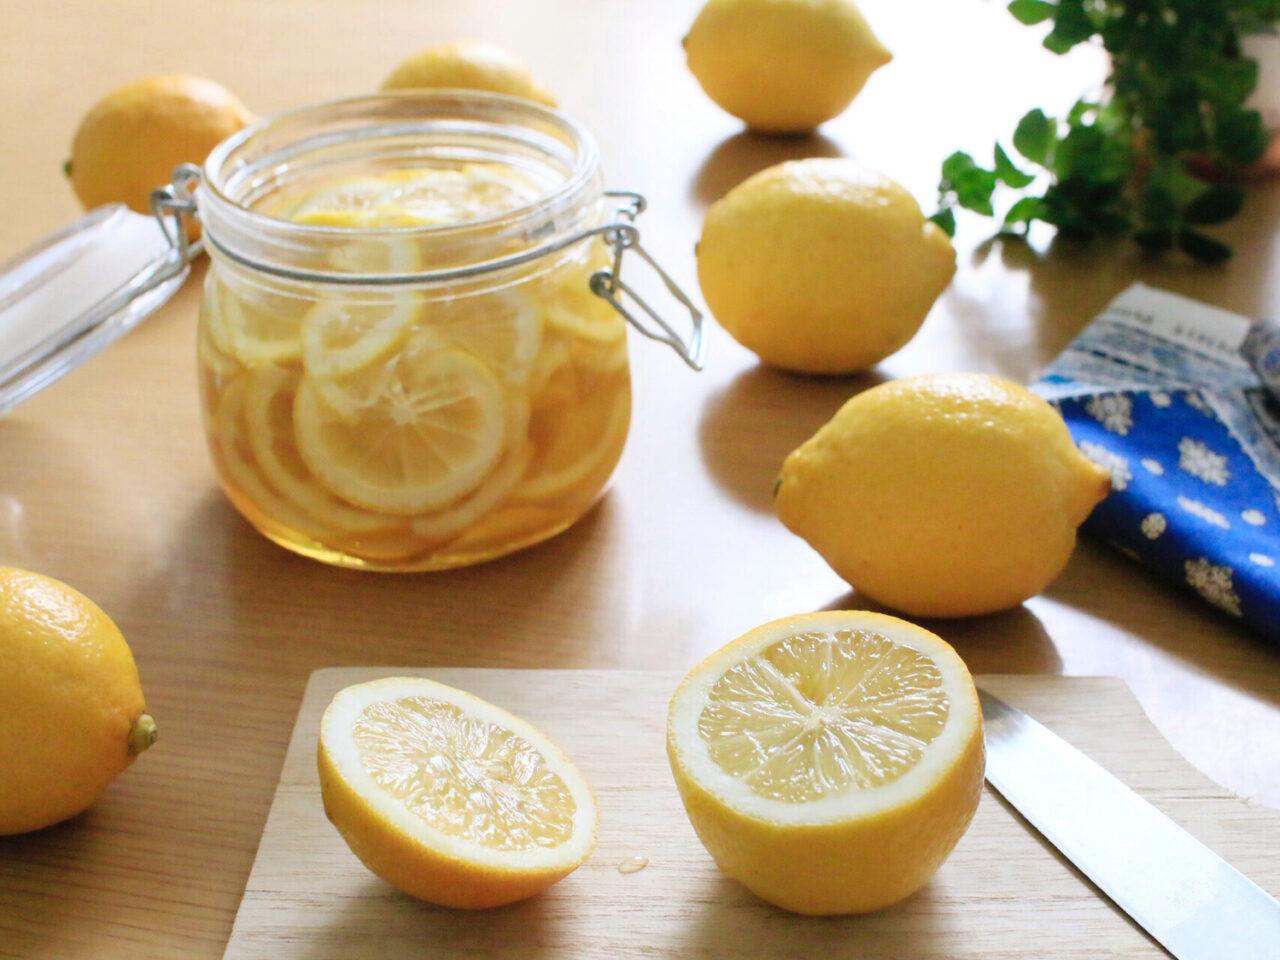 はちみつレモン大好き女子集まれ!とっておきのアレンジレシピ教えちゃう♡